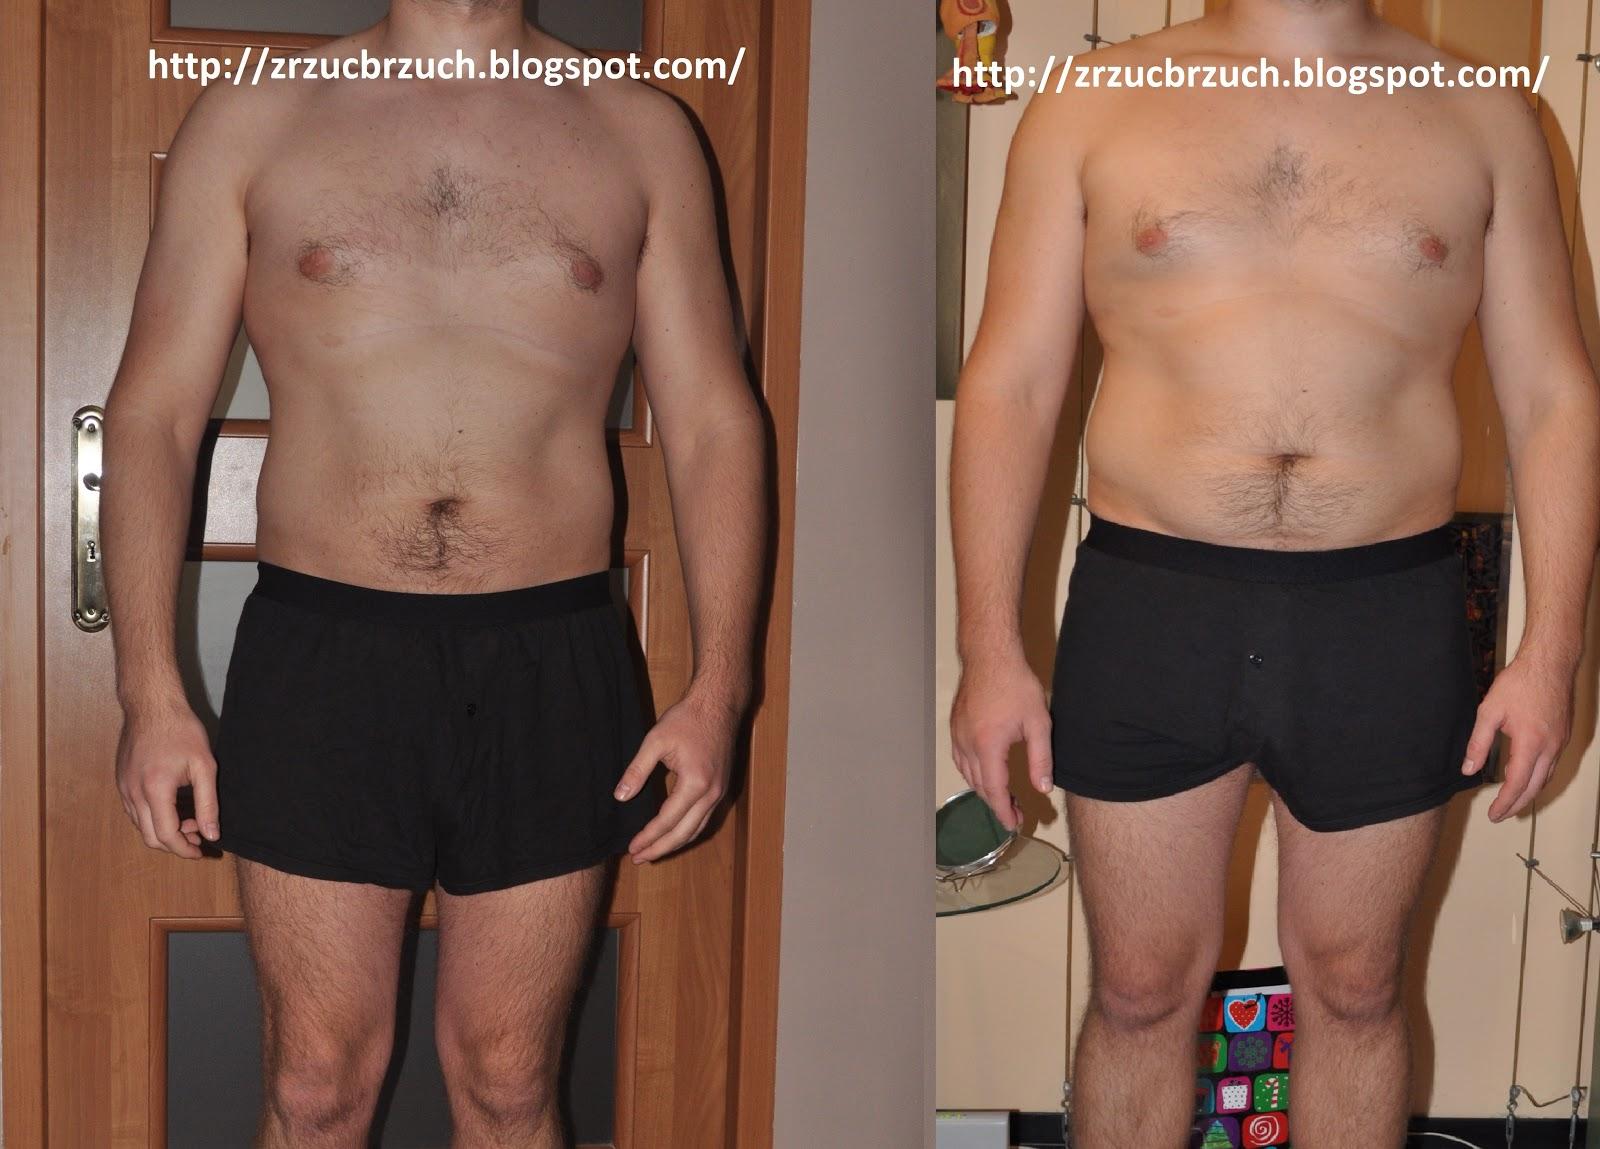 ile można schudnąć w dwa miesiące